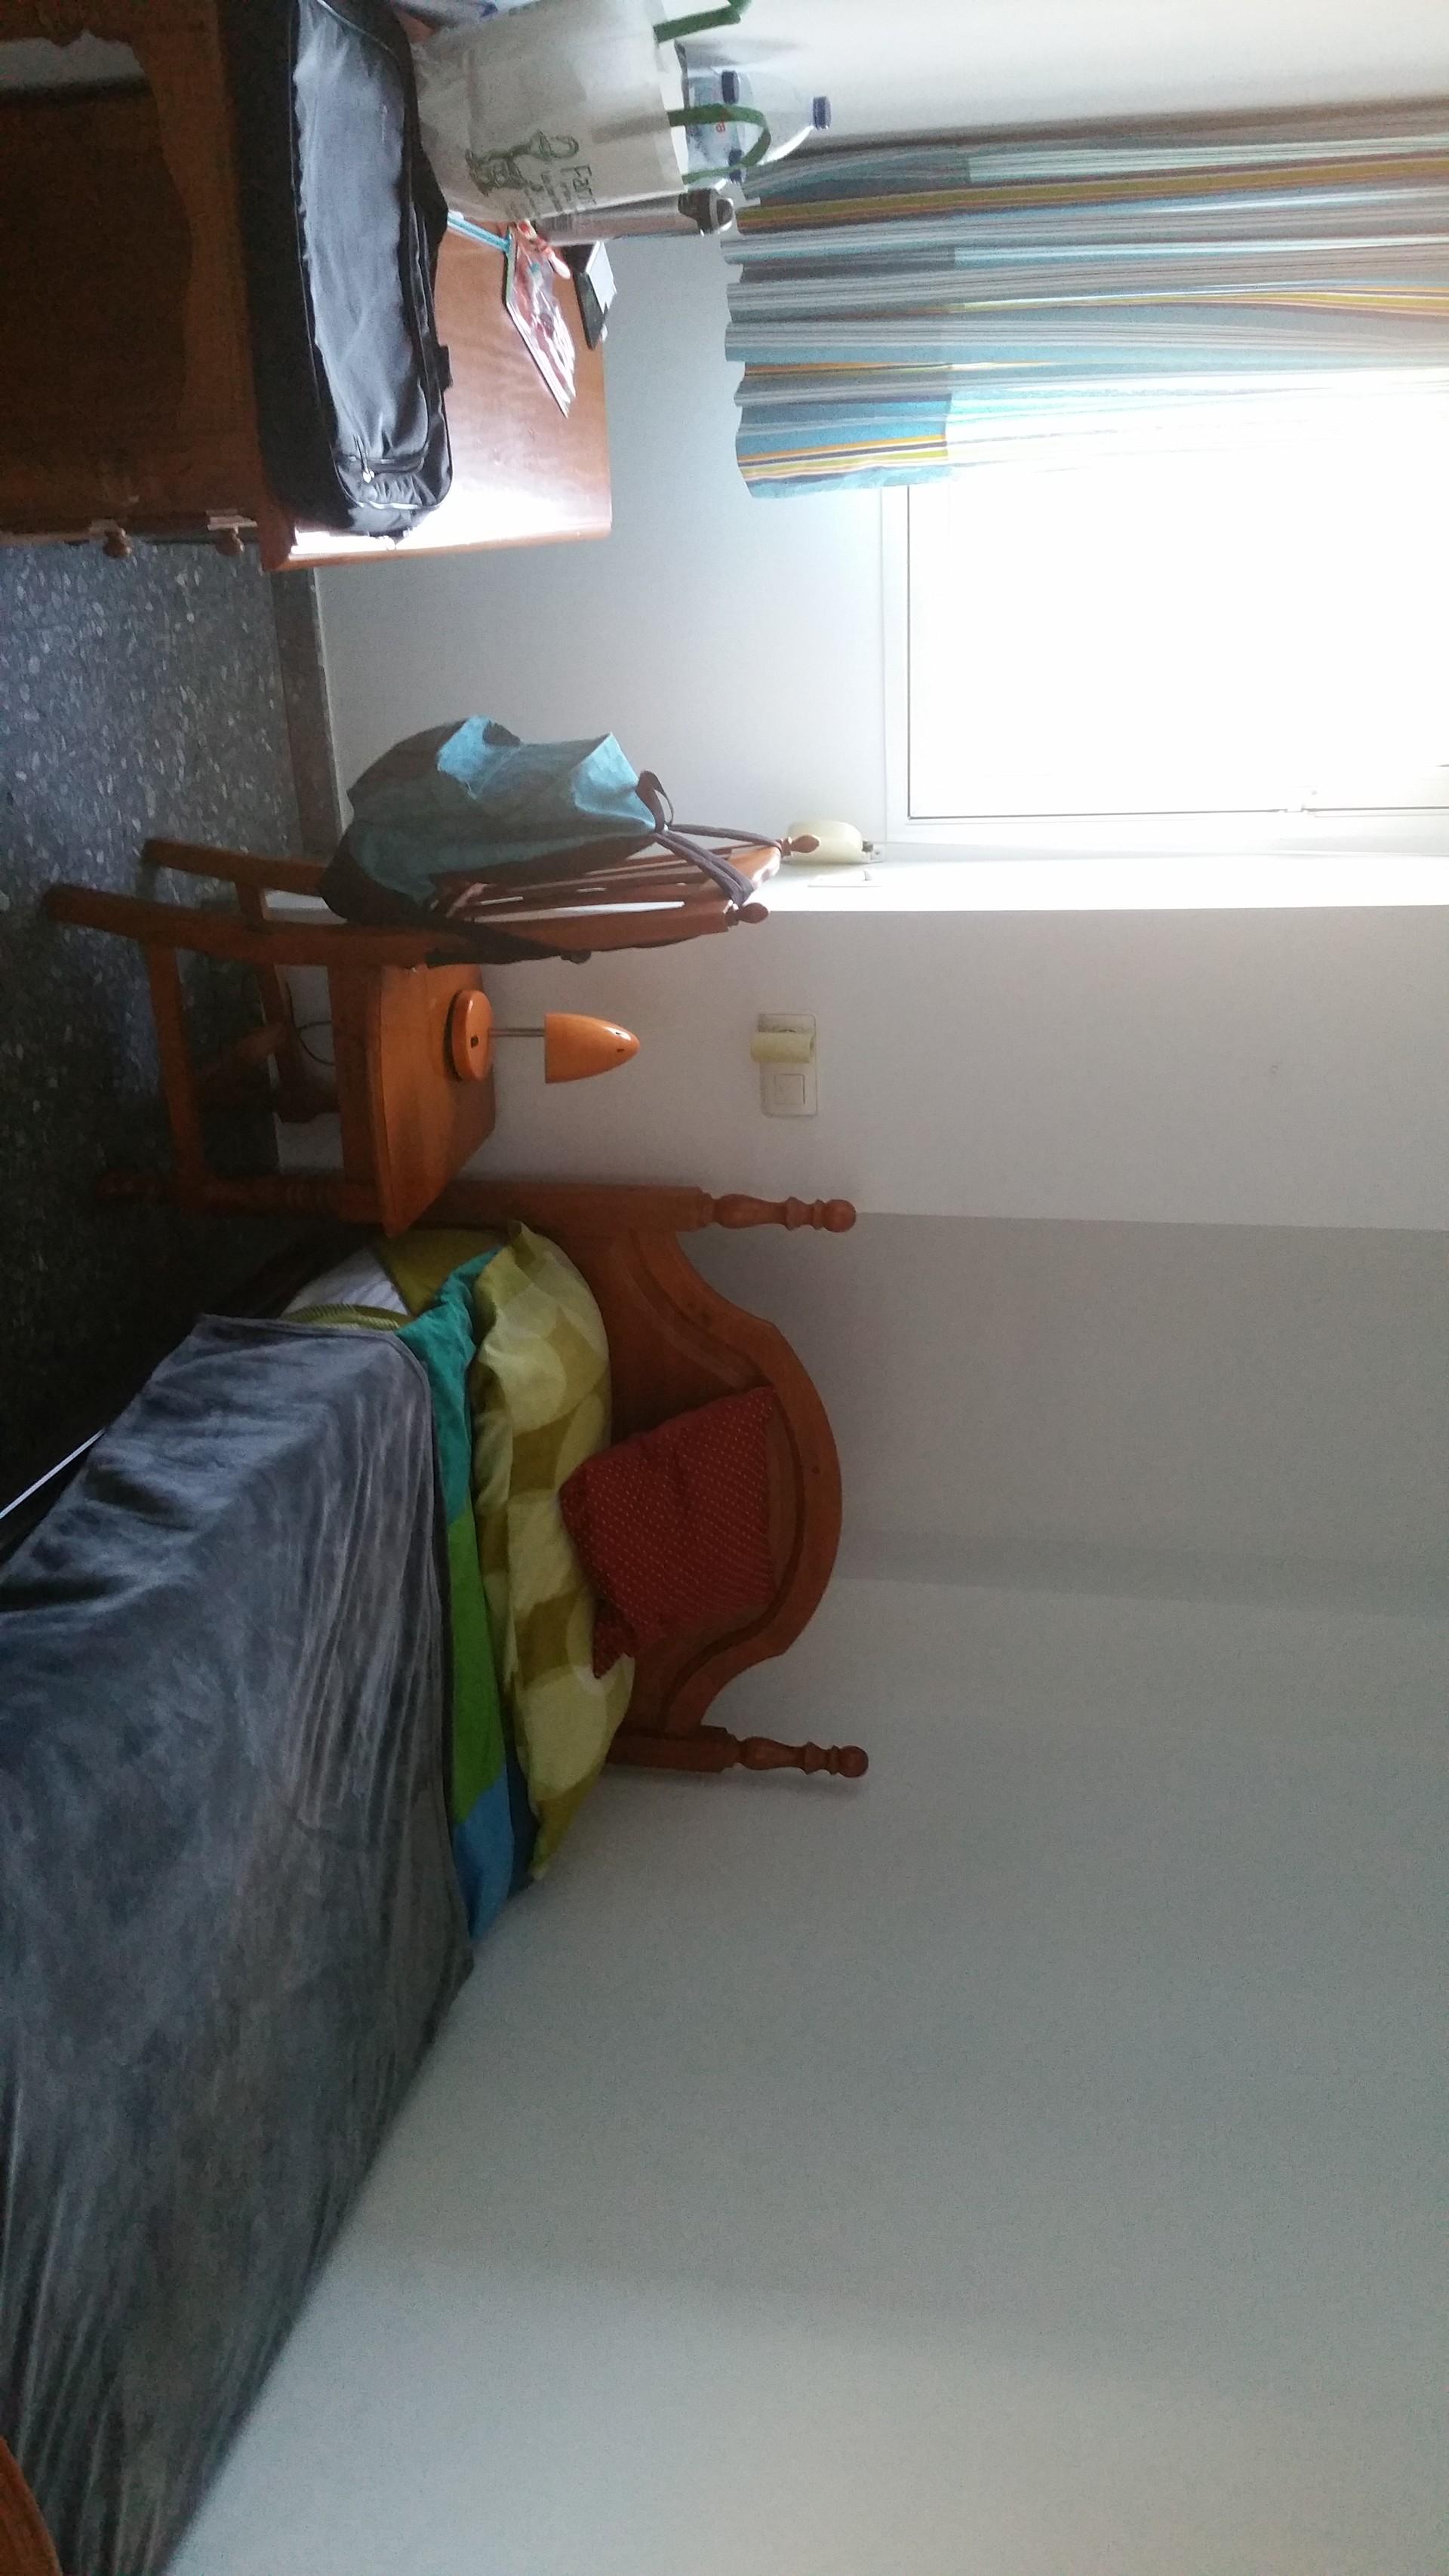 se-alquila-habitacion-piso-cerca-universidad-huelva-junto-a-plaza-merced-8c61fe114680648b52813d1816424ea9